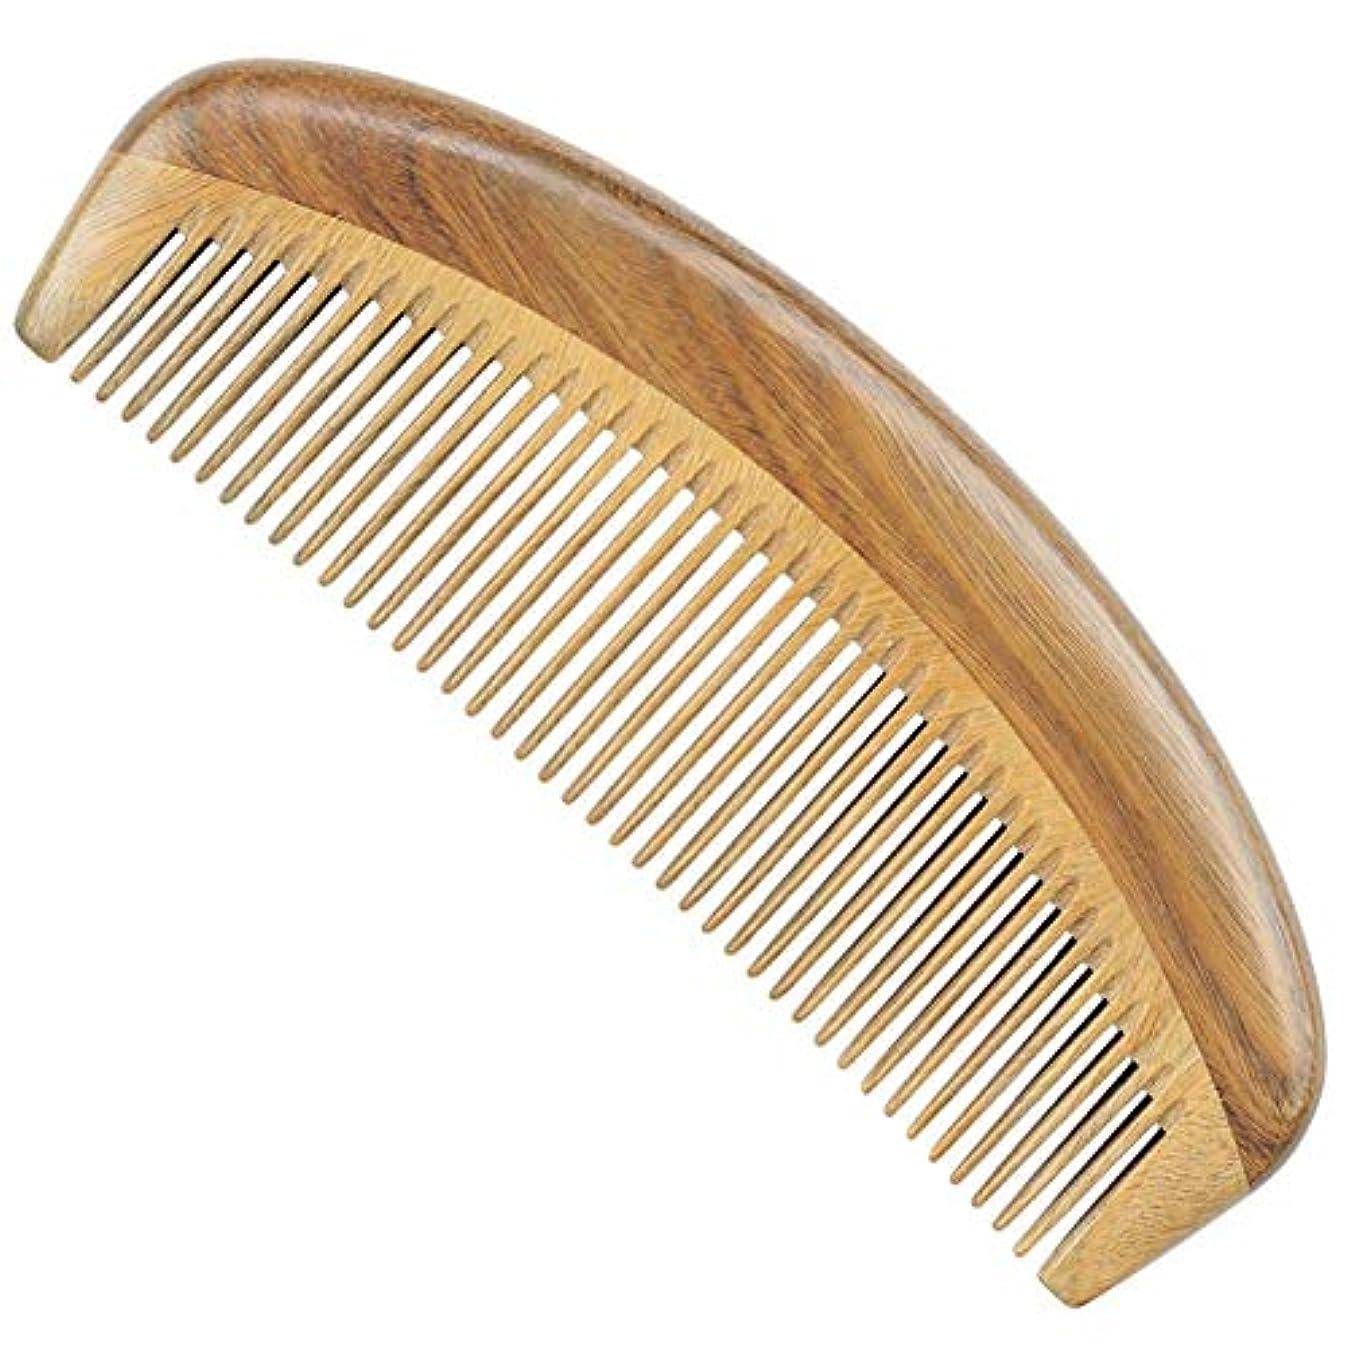 オン誤って霧Guomao 白檀、木の櫛の半月の緑白檀の櫛Stalklessの長い歯の木の櫛 (Size : 15*5.3 cm)